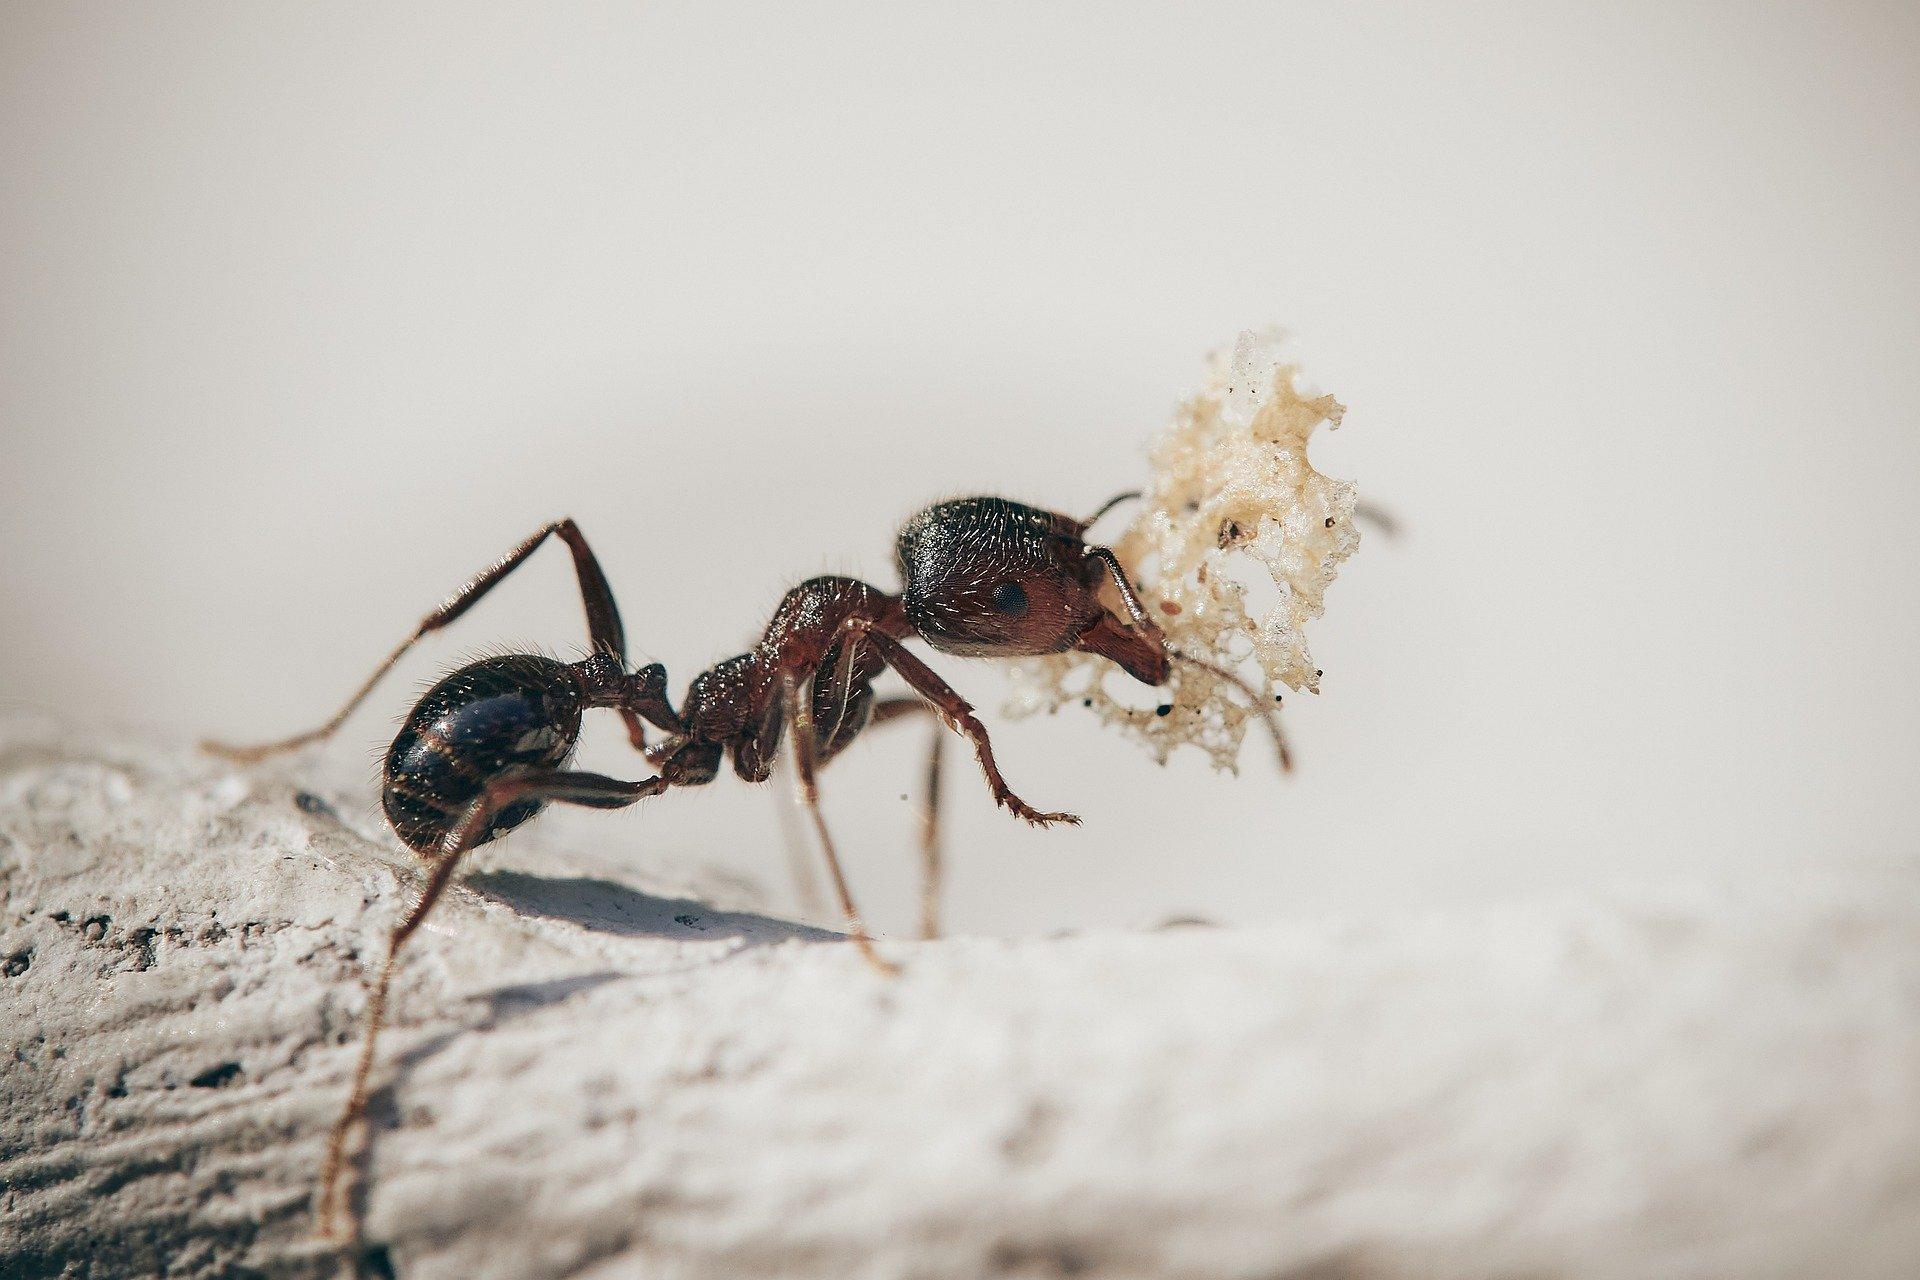 Infestazione di formiche: quali sono i segnali e i rimedi?